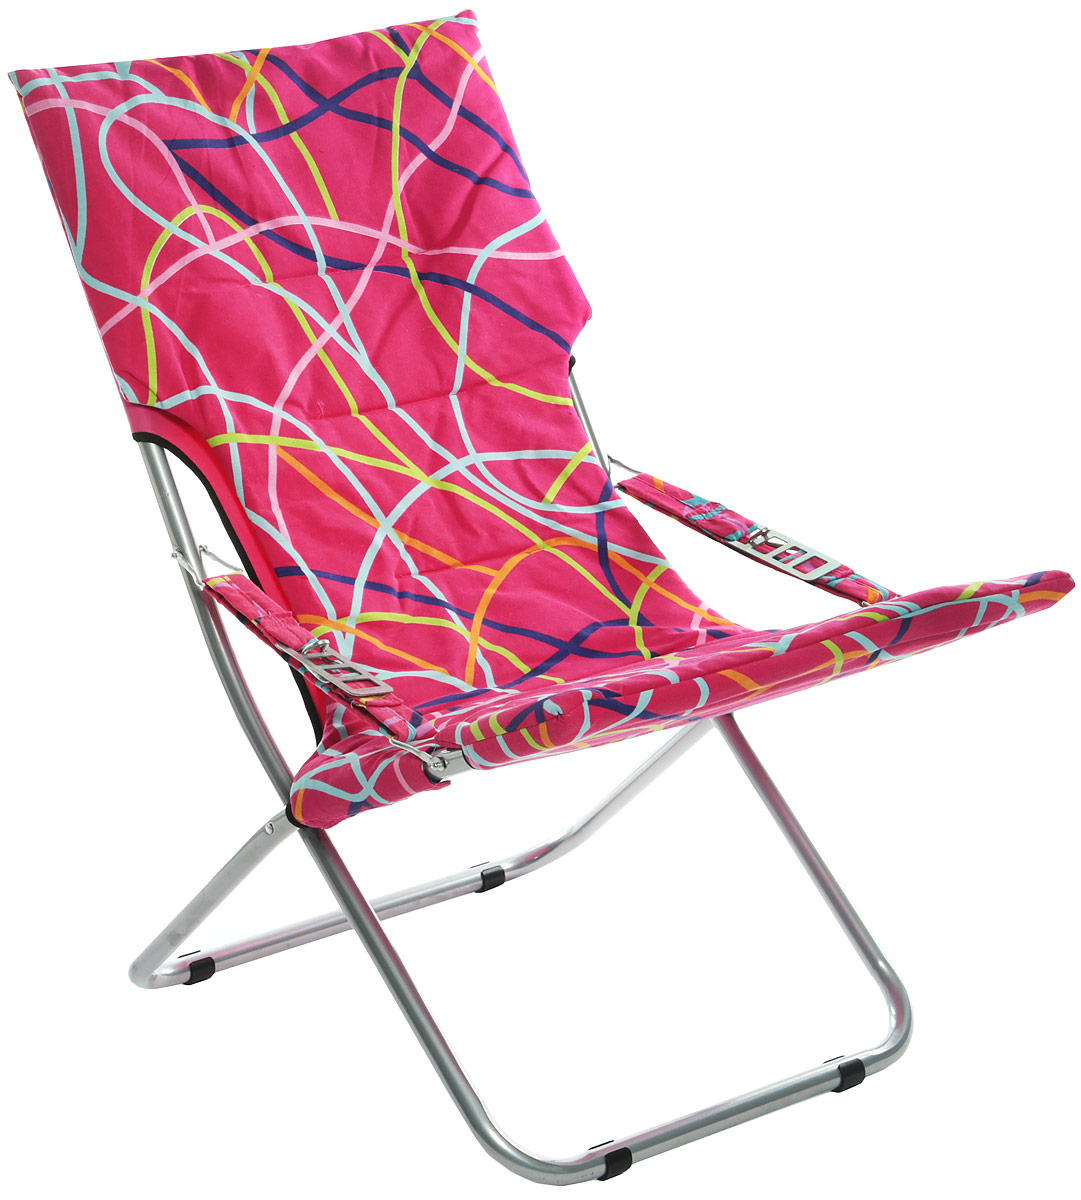 Кресло складное Wildman, цвет: розовый, желтый, синий, 73 х 60 х 100 см 1pc новые 7 секций приманка для рыбалки 10 см 3 94 0 43 унции 12 1 г приманка для рыбалки для рыбалки 6 черный крючок для рыбалки